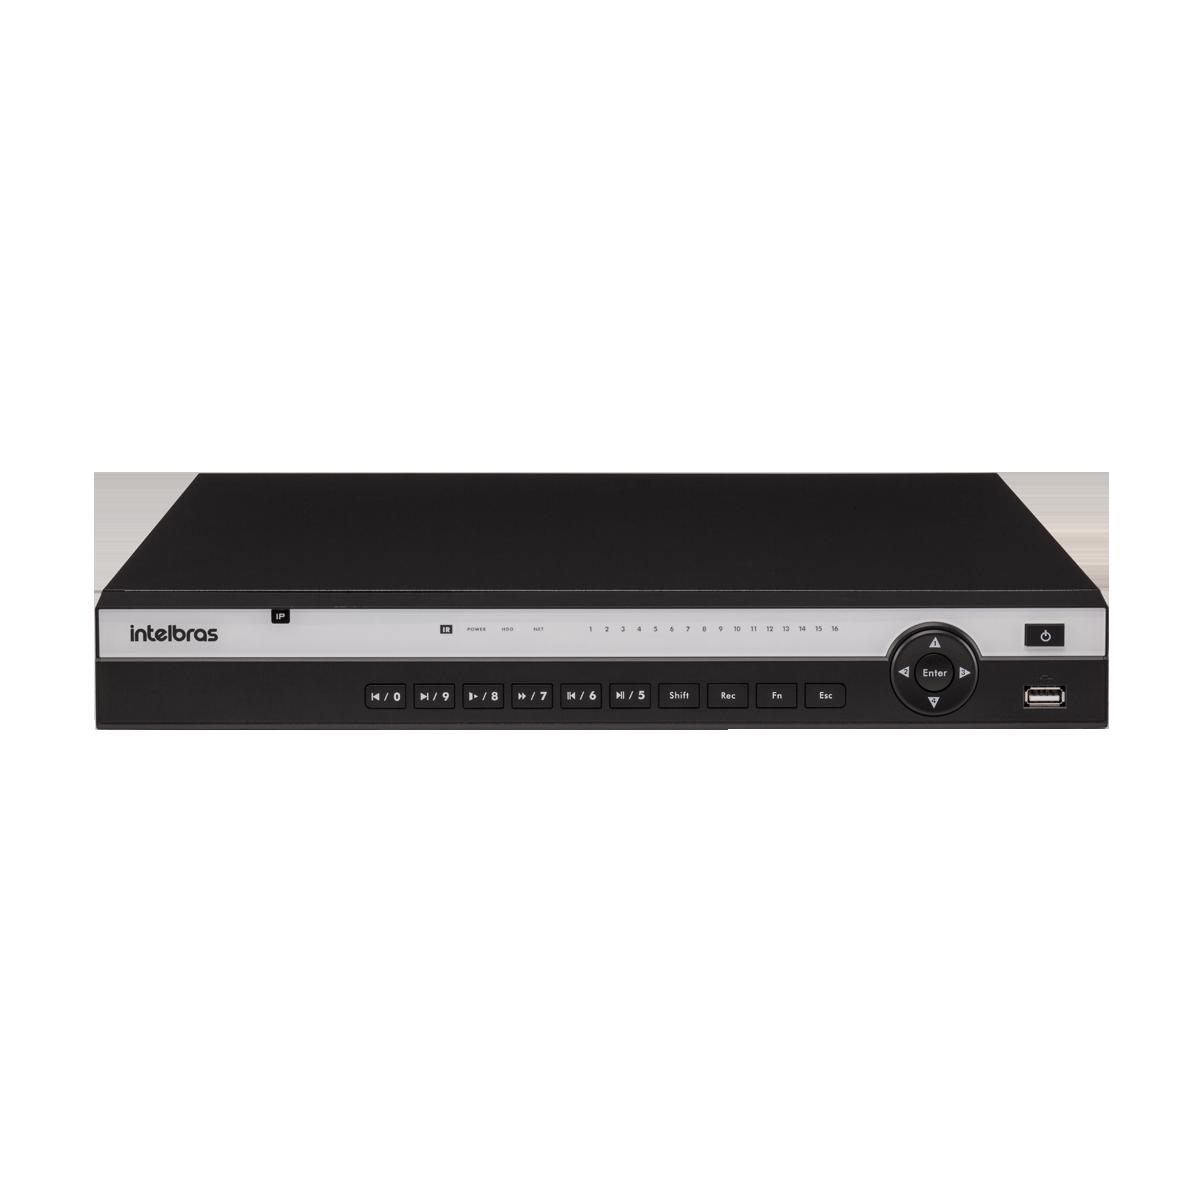 NVD 3116 C/ HD 6TB - GRAV. DIG. DE VÍDEO EM REDE PARA ATÉ 16 CANAIS IP EM FULL HD @ 30 FPS, INTELIGÊNCIA DE VÍDEO EM TODOS OS CANAIS, H.265, SUPORTE PARA 2HDS E SUPORTA CÂMERAS COM RESOLUÇÃO 4K - PROD  - Sandercomp Virtual